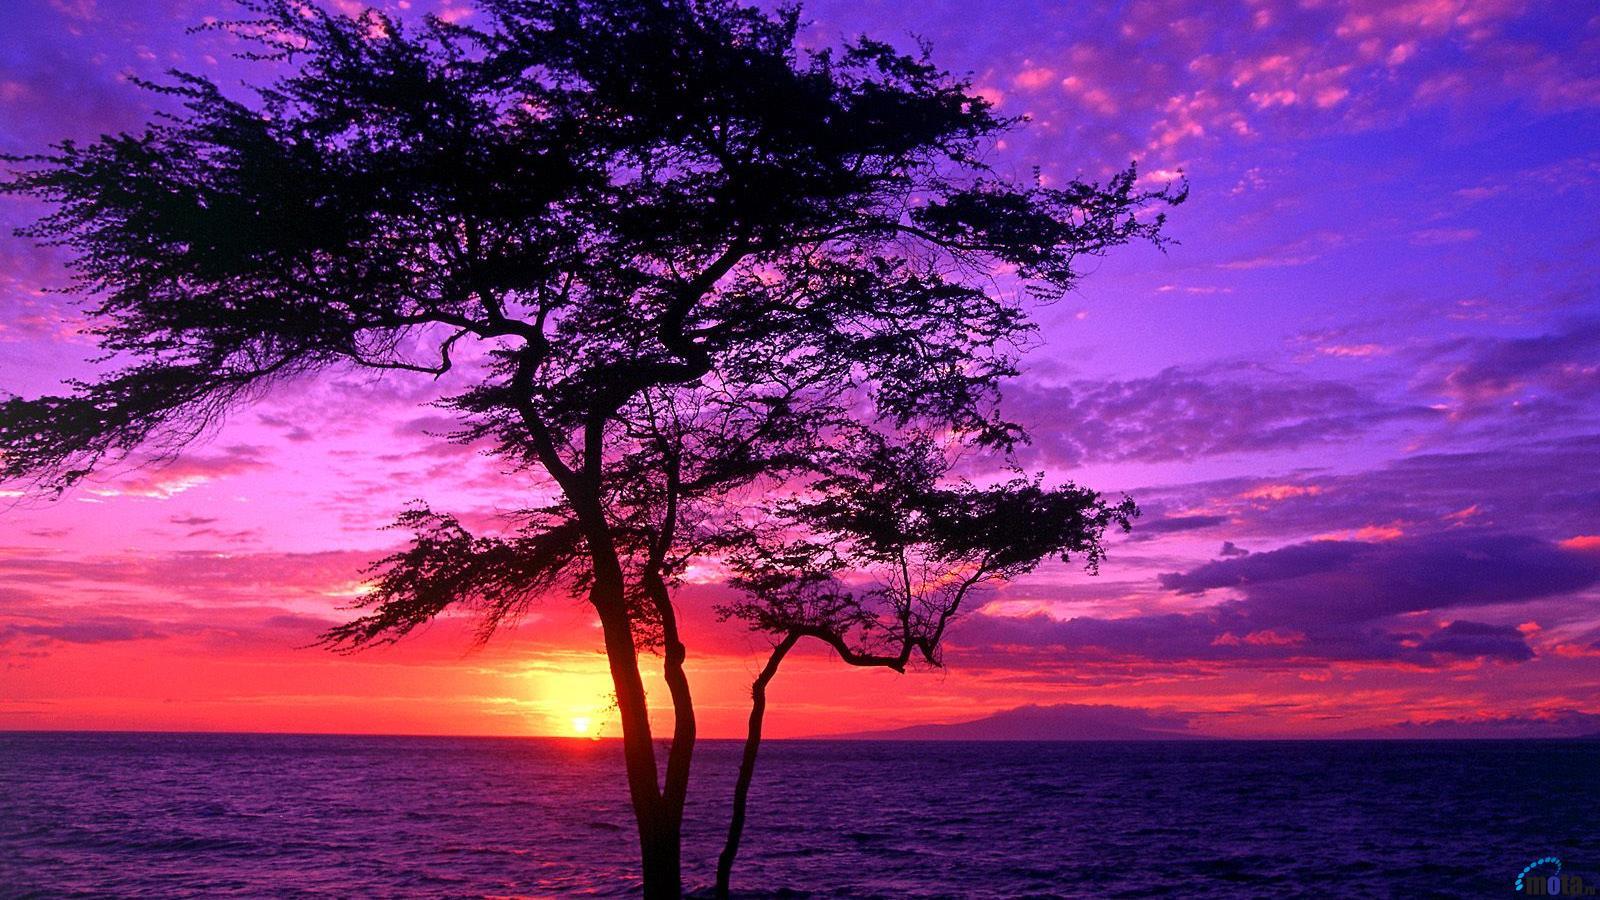 Maui Hawaii 1600 x 900 widescreen Desktop wallpapers and photos 1600x900